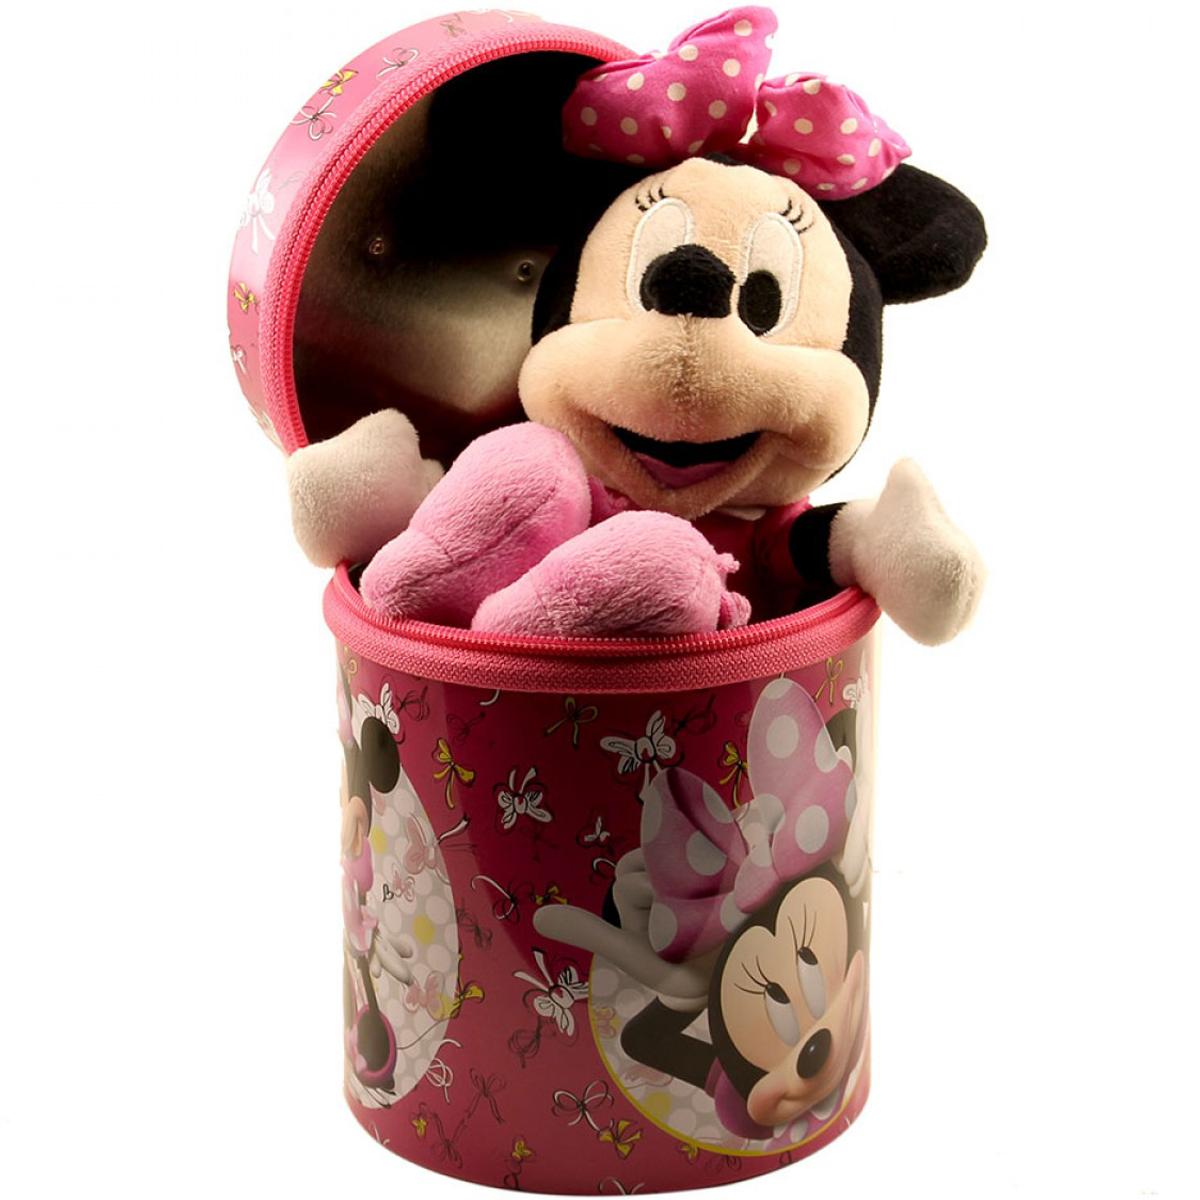 Boneca Chaveiro Minnie Rosa 23cm Na Lata - Disney